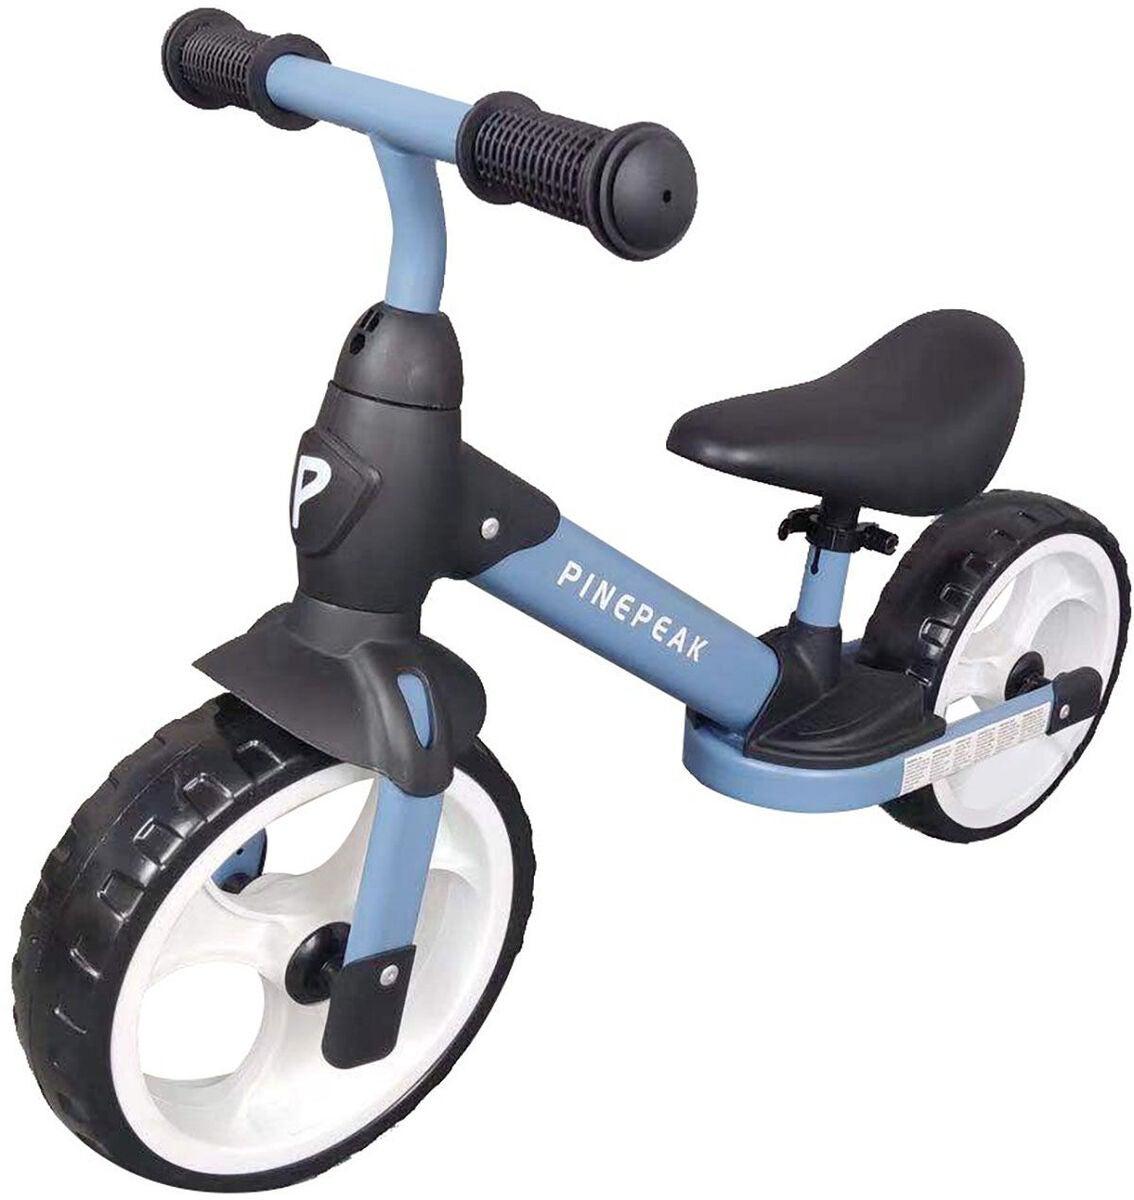 billig och bra balanscykel